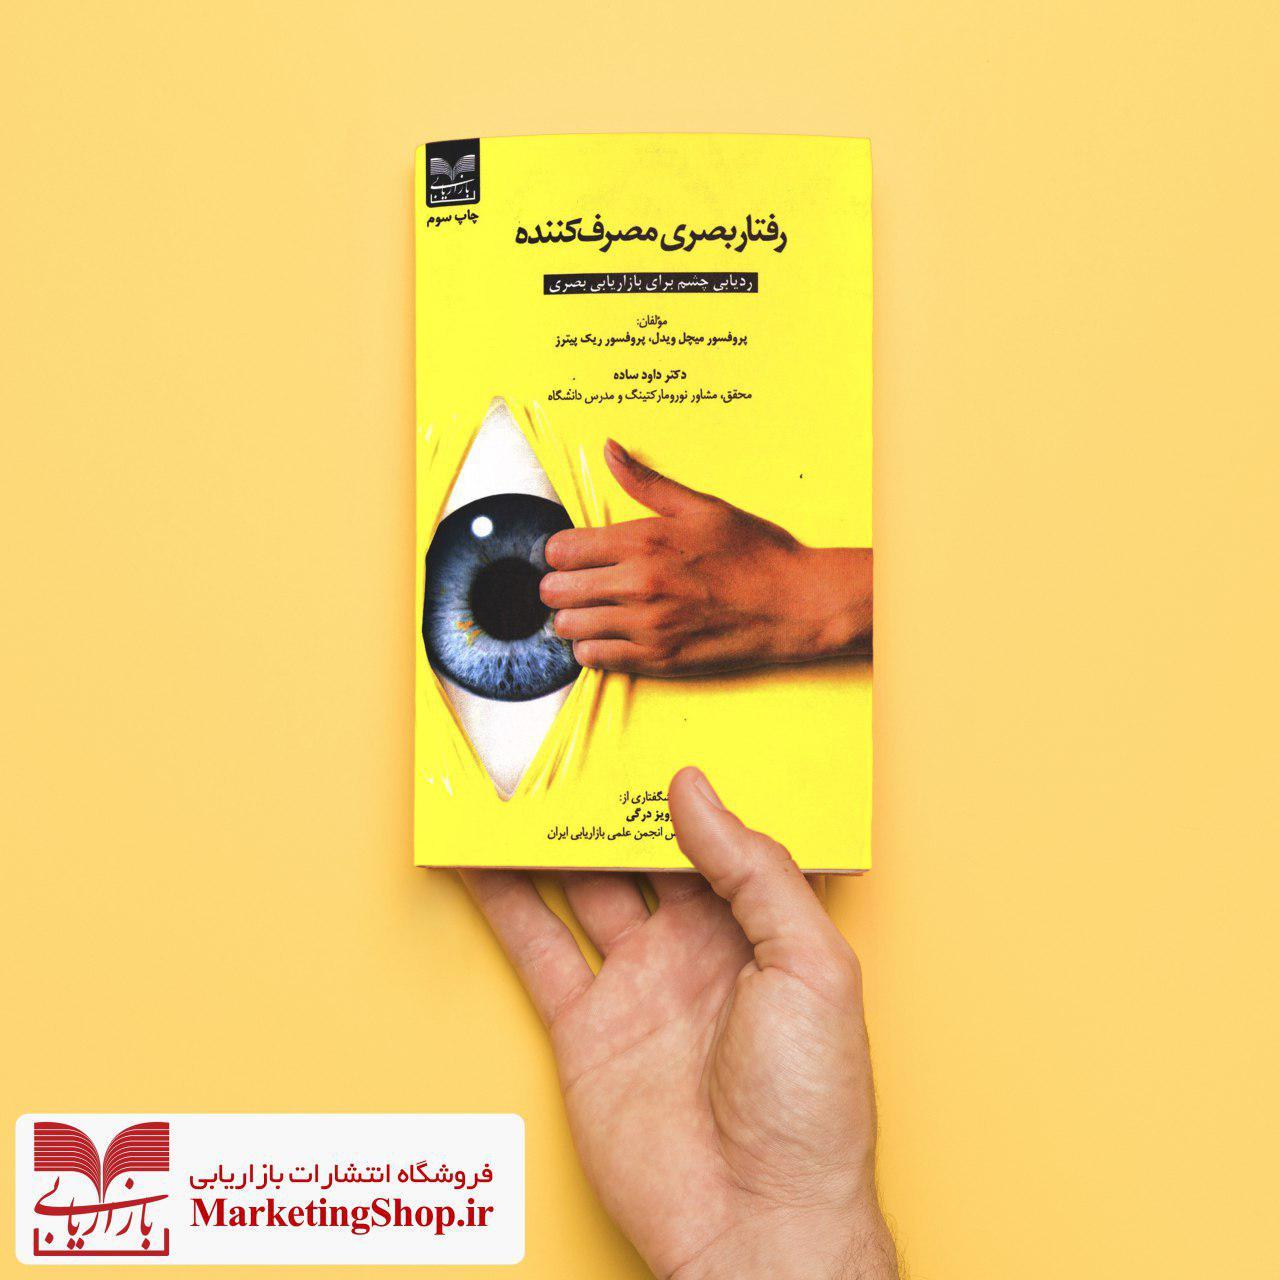 منتشر شد: چاپ سوم کتاب رفتار بصری مصرفکننده، ردیابی چشم برای بازاریابی بصری